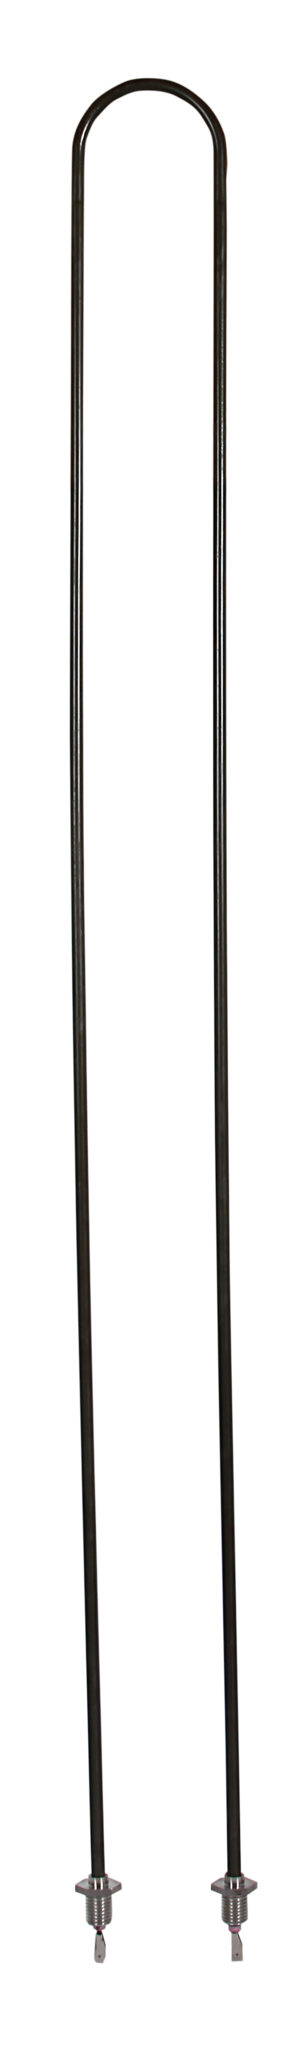 ТЭН-ы: ТЭН SAWO HP41-002 TWR-115 (для печи TOWER 2010, 1150W) запчасти